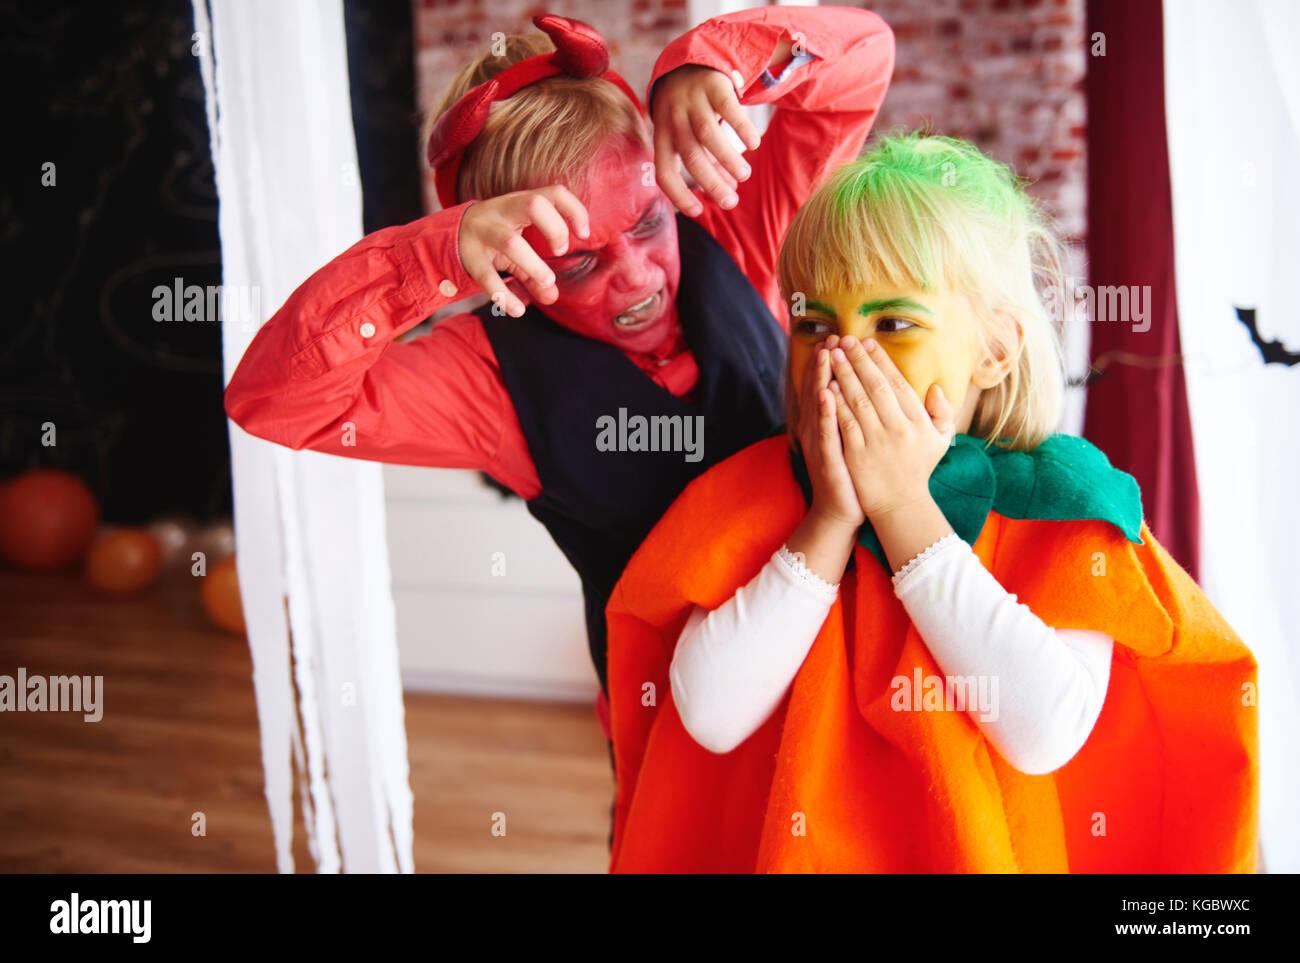 La pequeña niña tiene miedo de su hermano Imagen De Stock